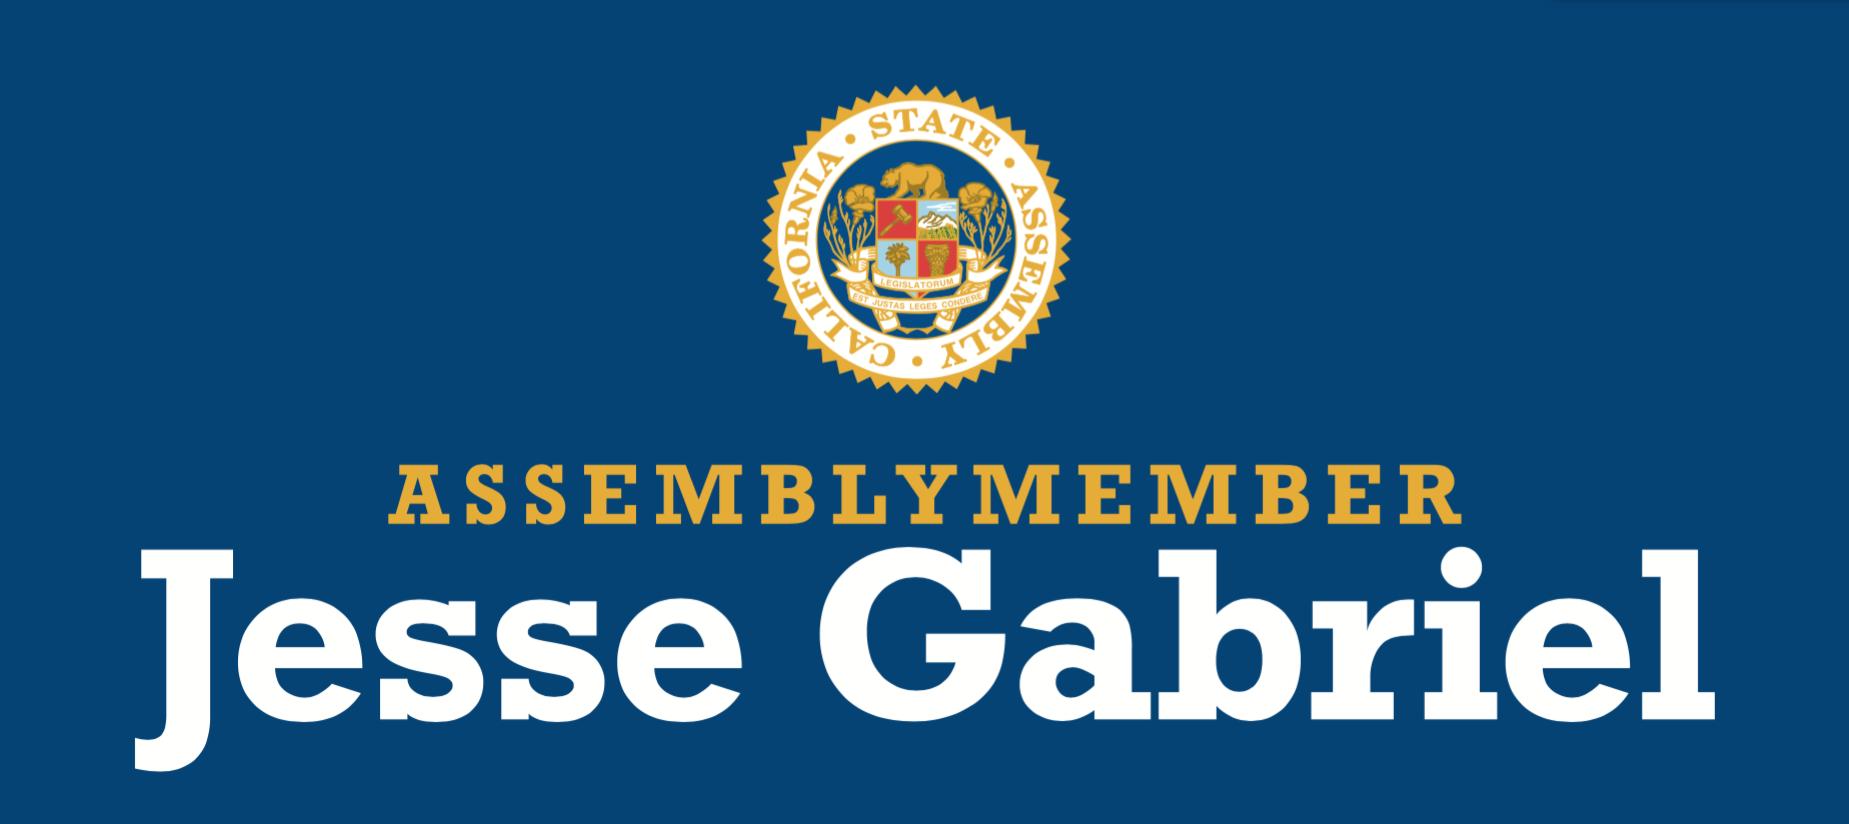 Jesse Gabriel logo